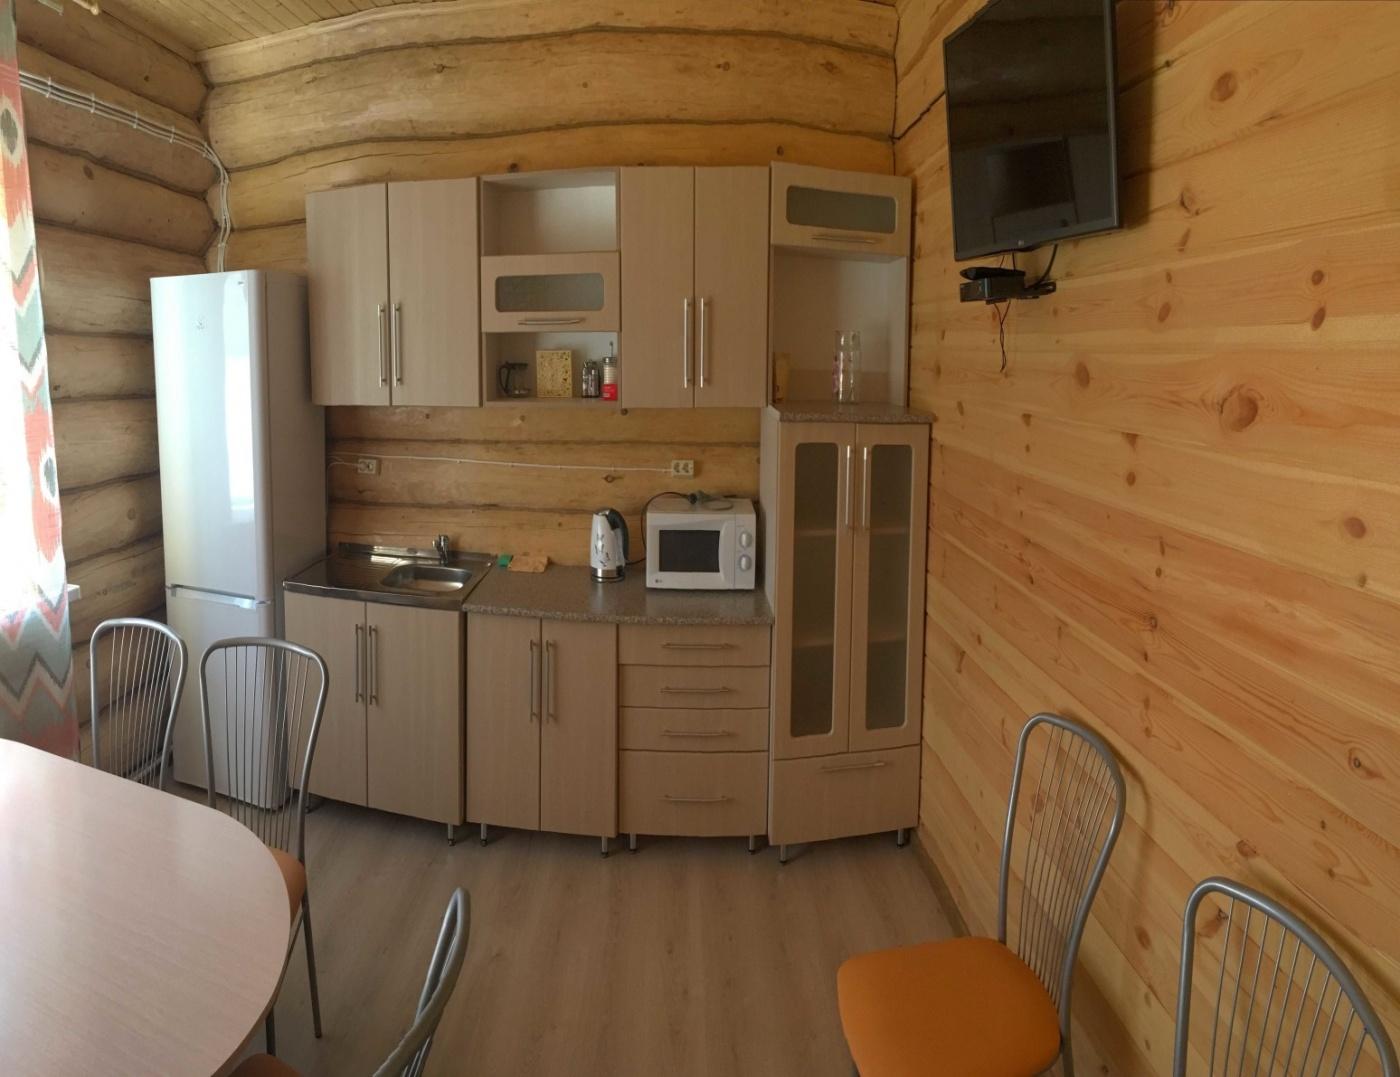 База отдыха «Лебедь» Астраханская область 8-местный коттедж «Люкс», фото 6